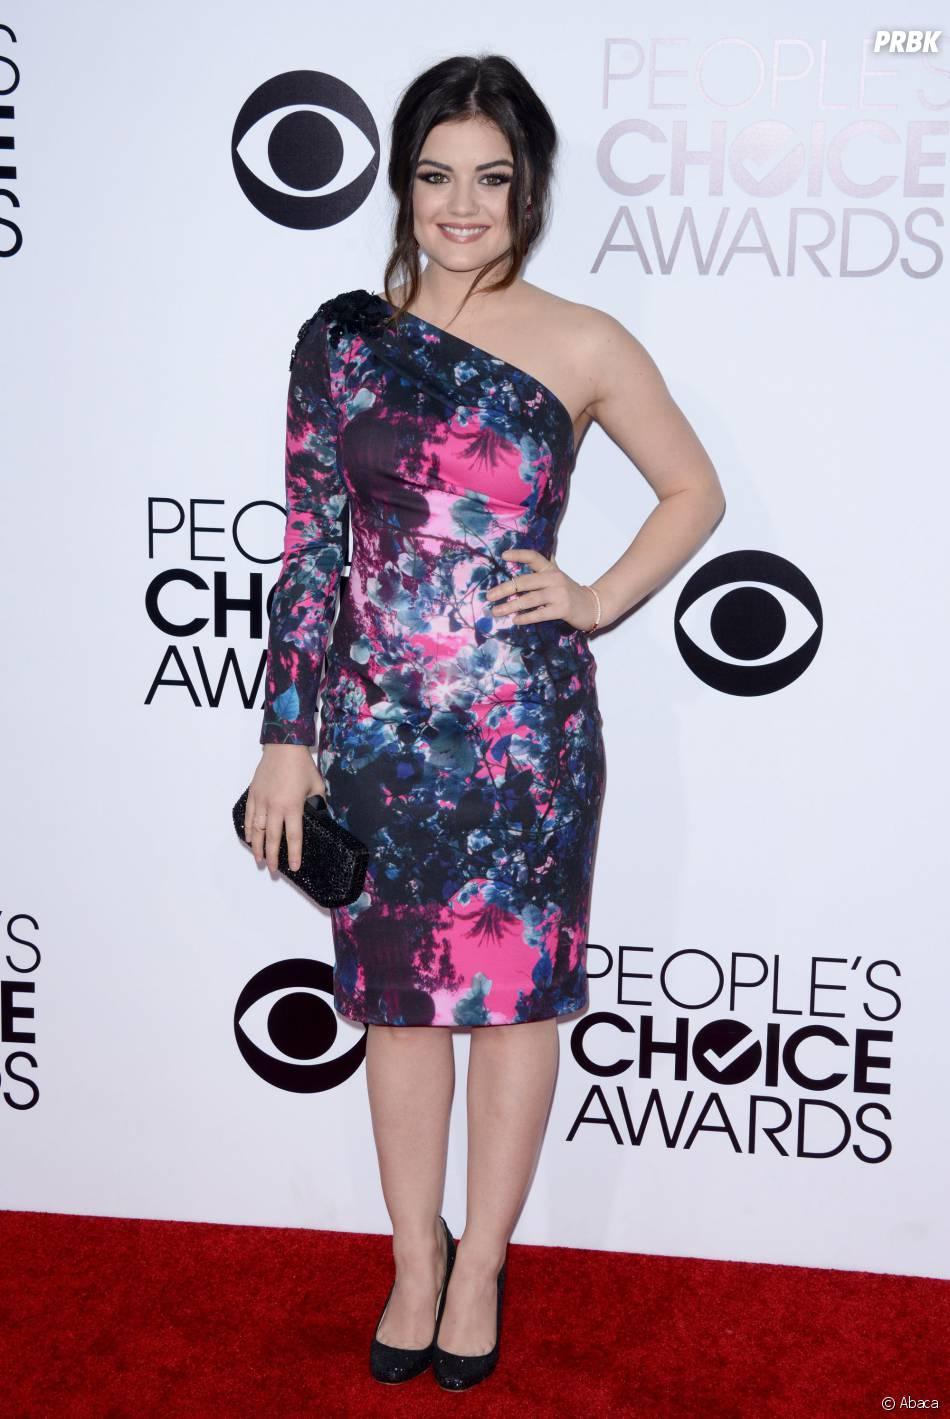 People's Choice Awards 2014 : Lucy Hale sur le tapis-rouge le 8 janvier 2014 à Los Angeles